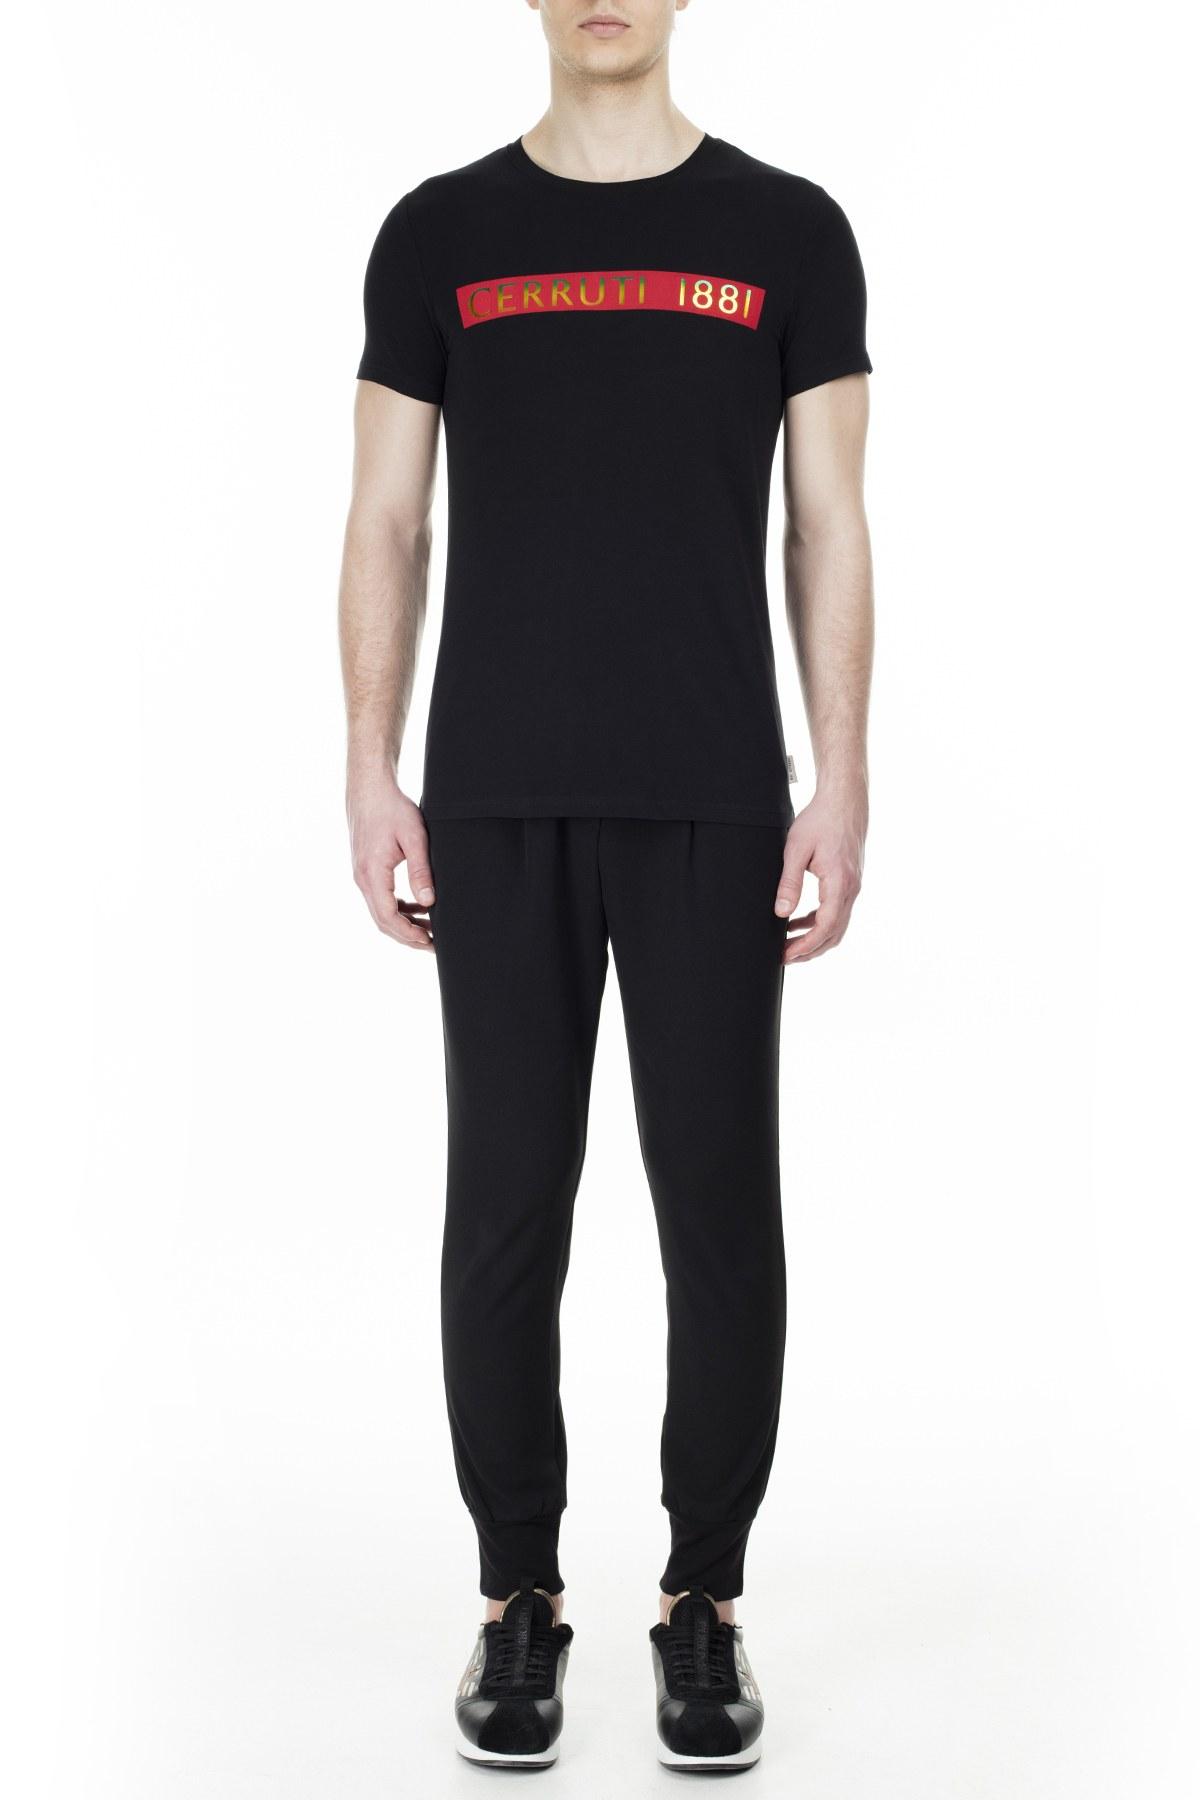 Cerruti 1881 Erkek T Shirt 203-001720 SİYAH